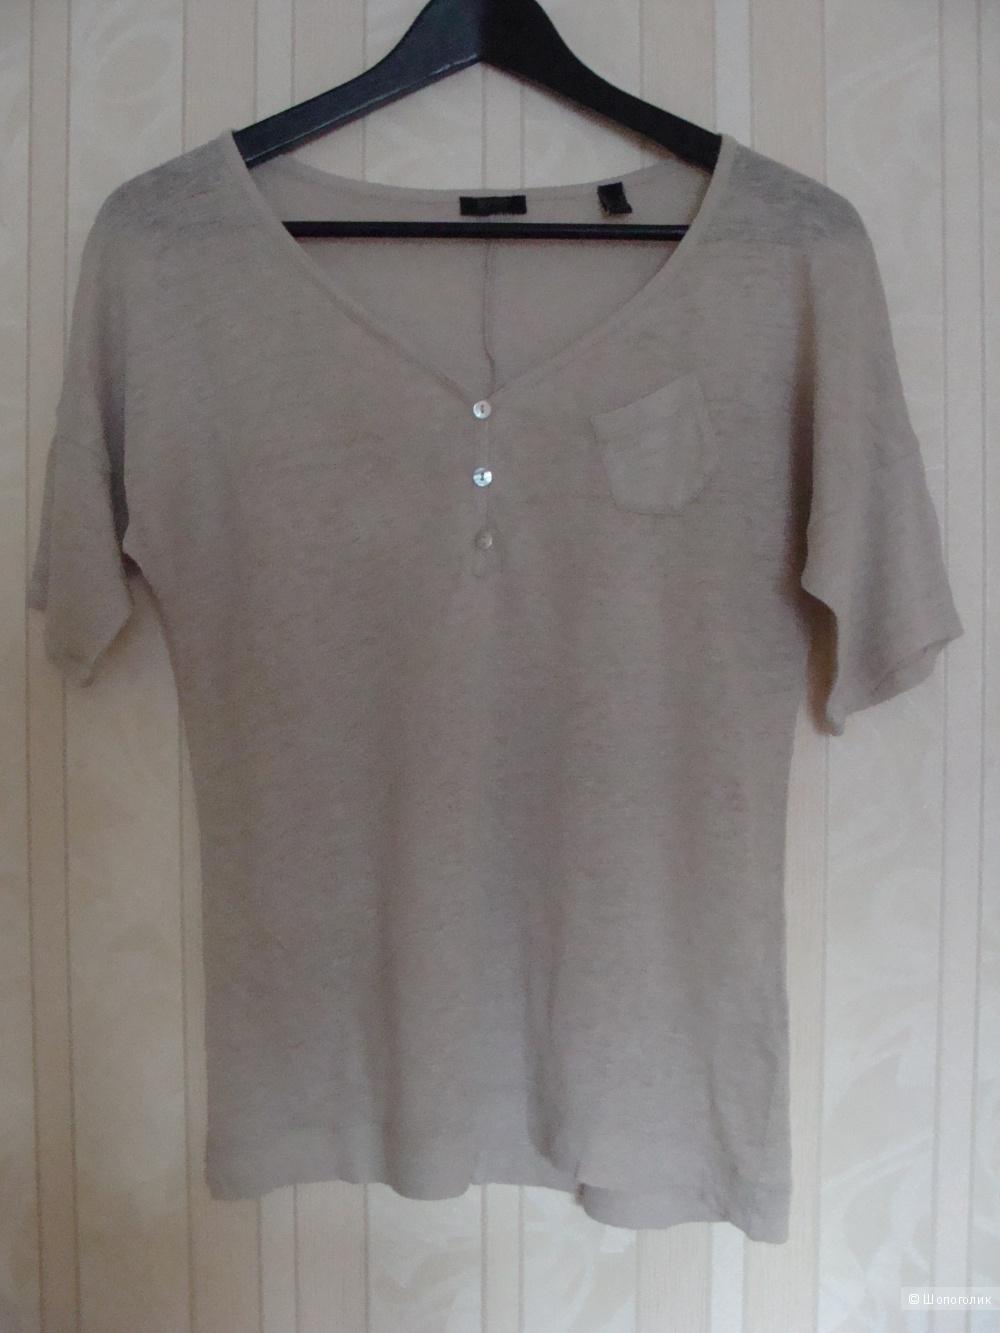 Льняная футболка Esprit размер XS-S